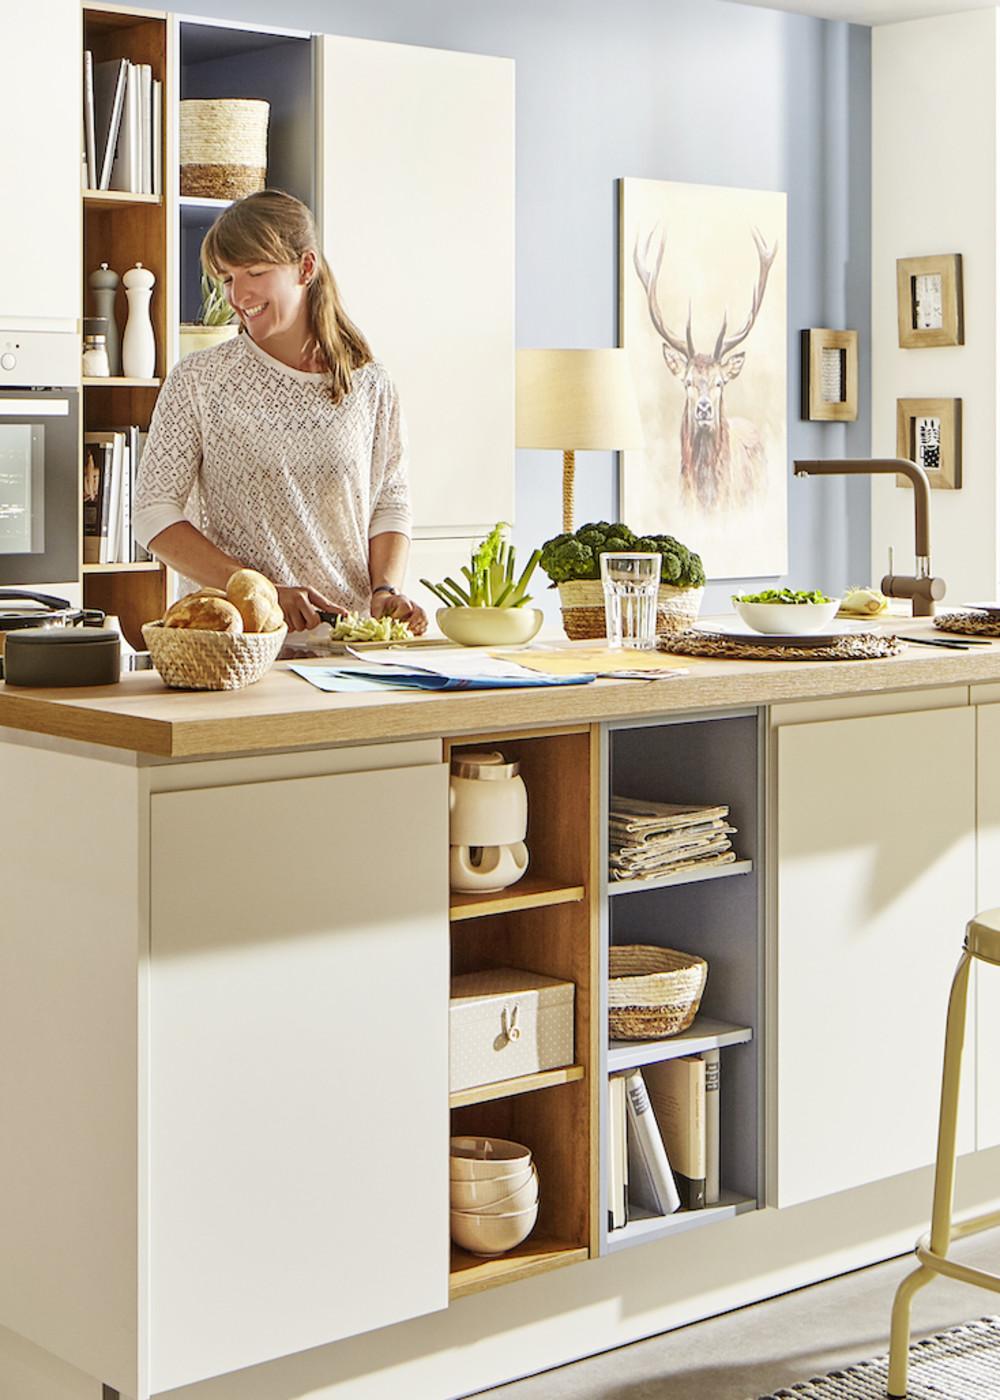 Full Size of Home Kchen Nolte Schlafzimmer Küche Betten Wohnzimmer Nolte Blendenbefestigung